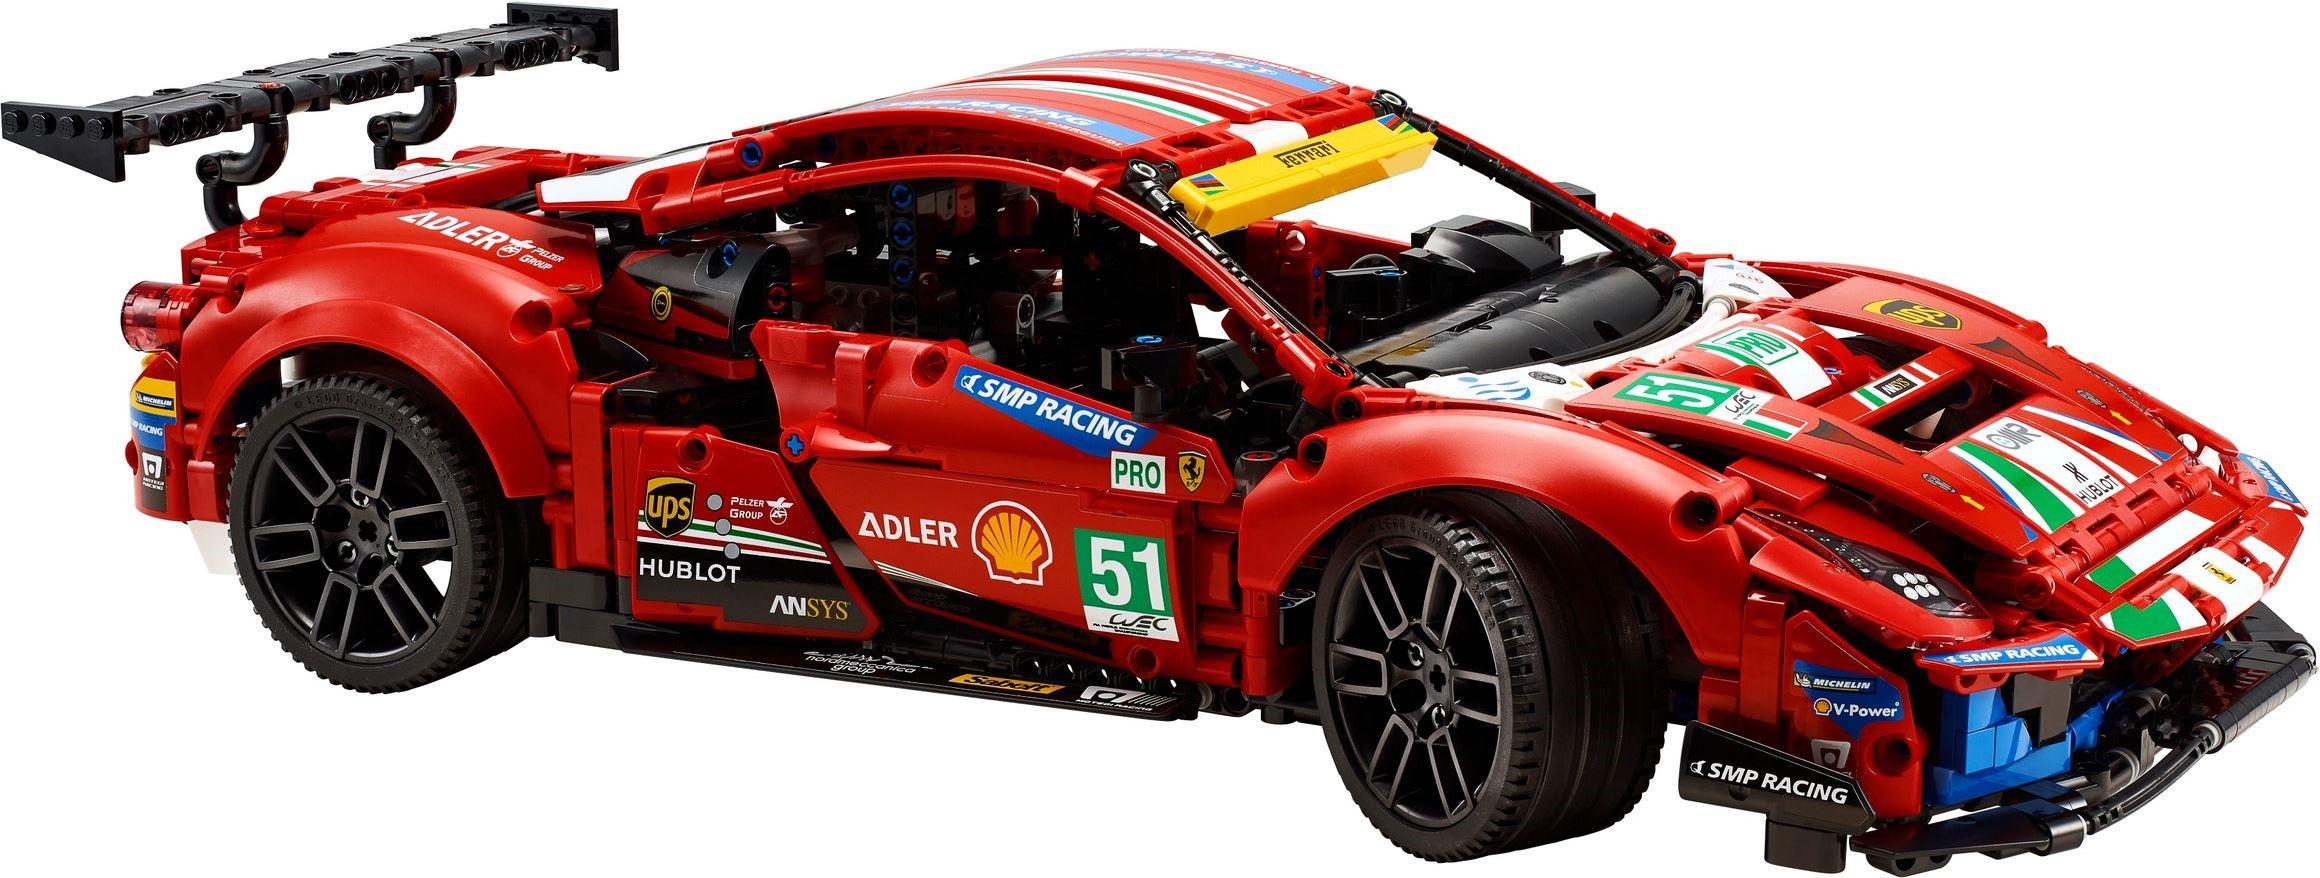 Technic Ferrari 488 Gte Revealed Brickset Lego Set Guide And Database